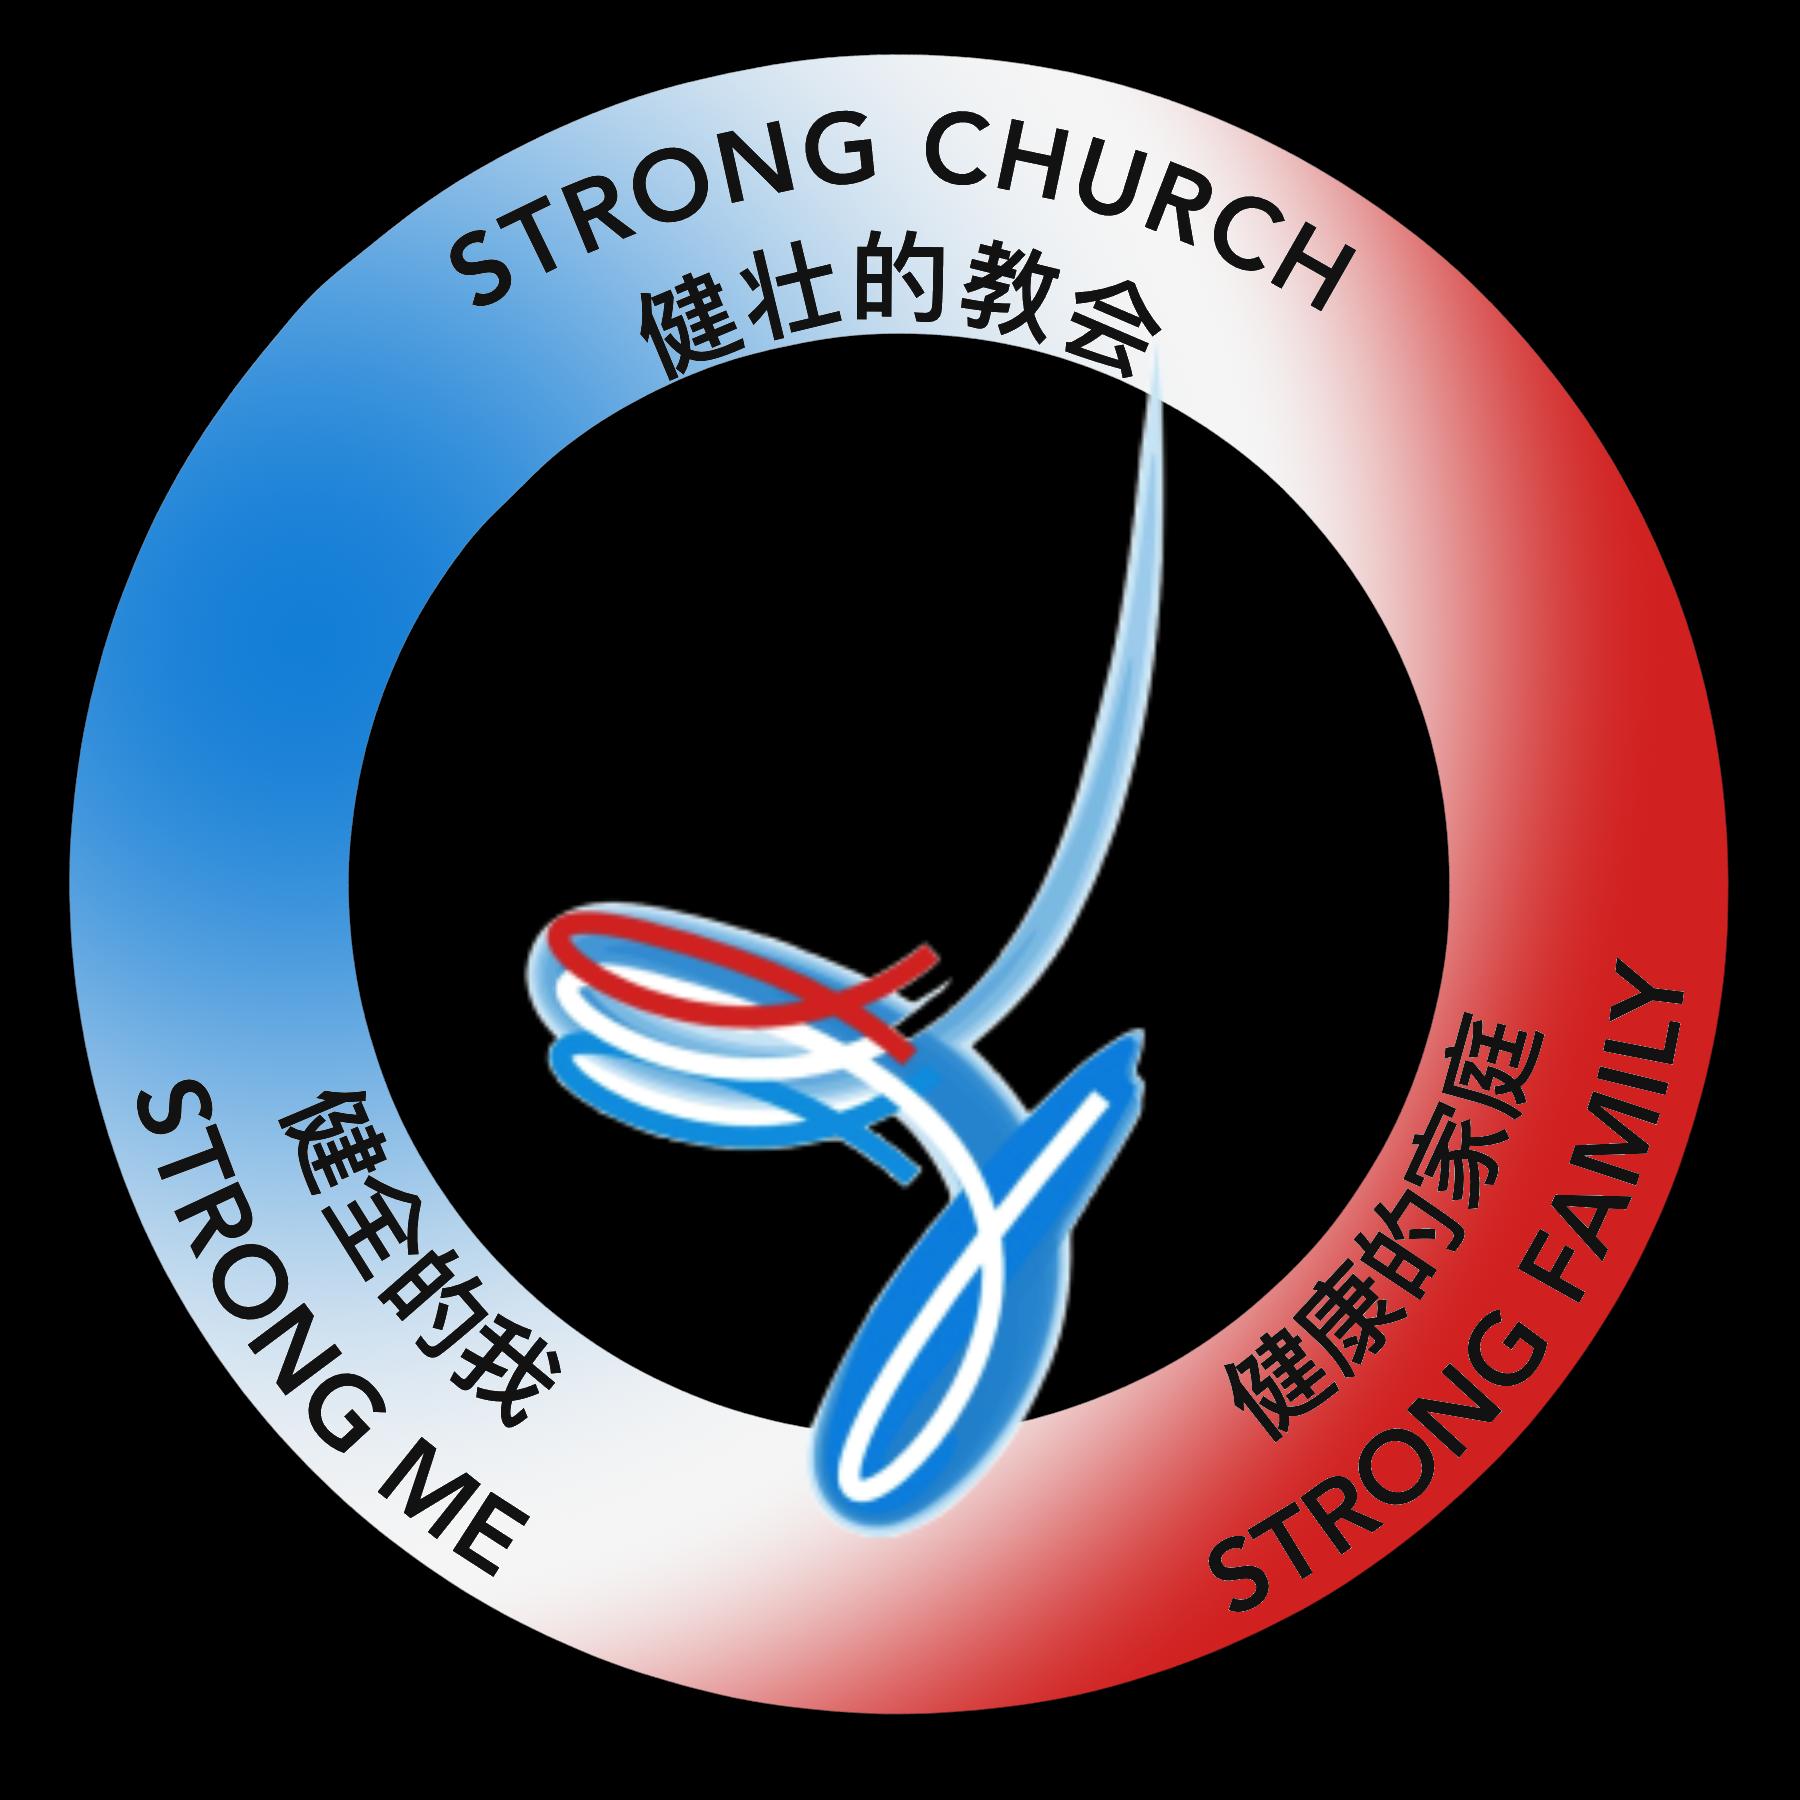 SengKang Methodist Church